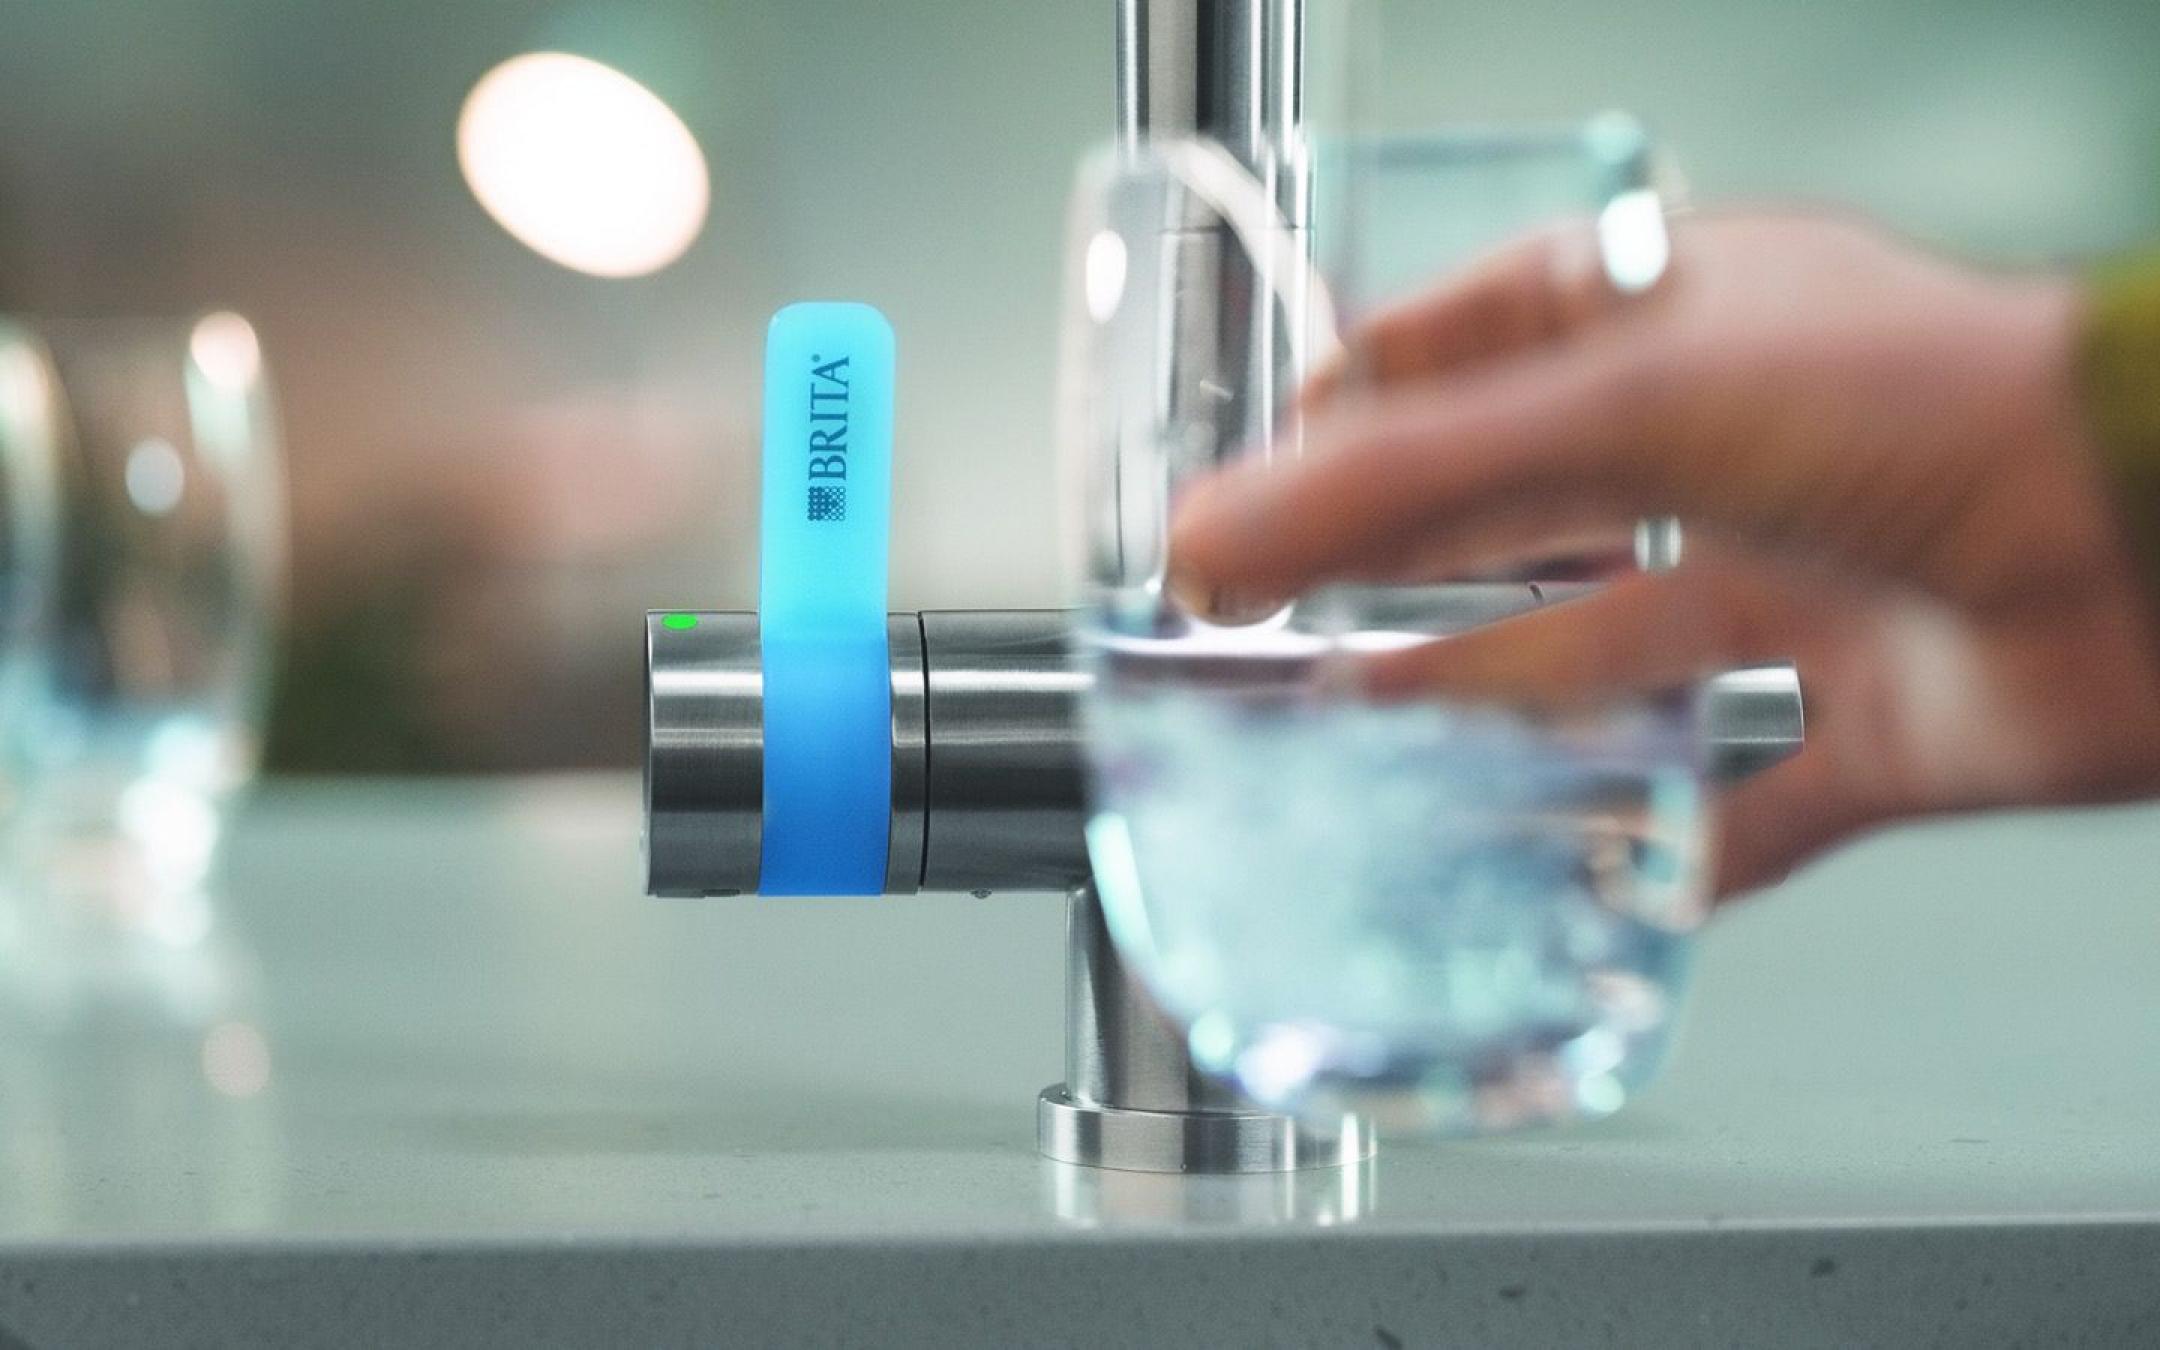 Grifo de filtro de agua de 3 vías de BRITA